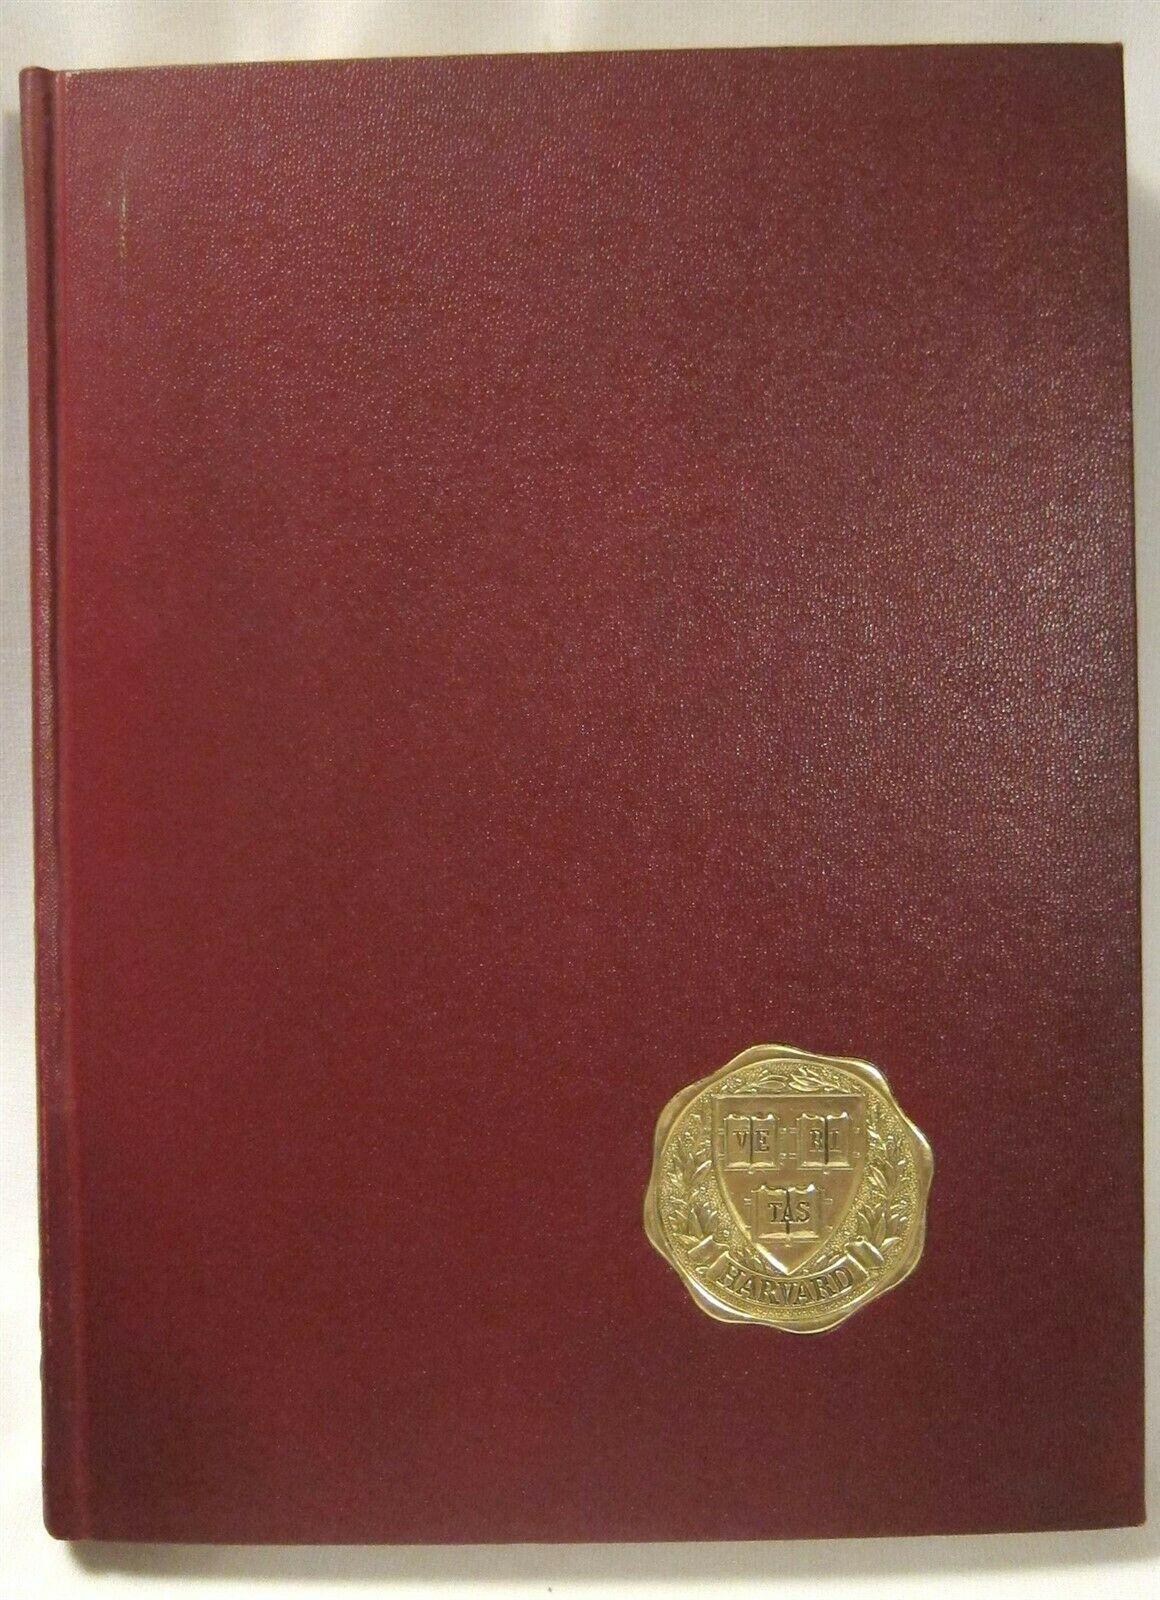 Harvard Law School Yearbook ~ 1966